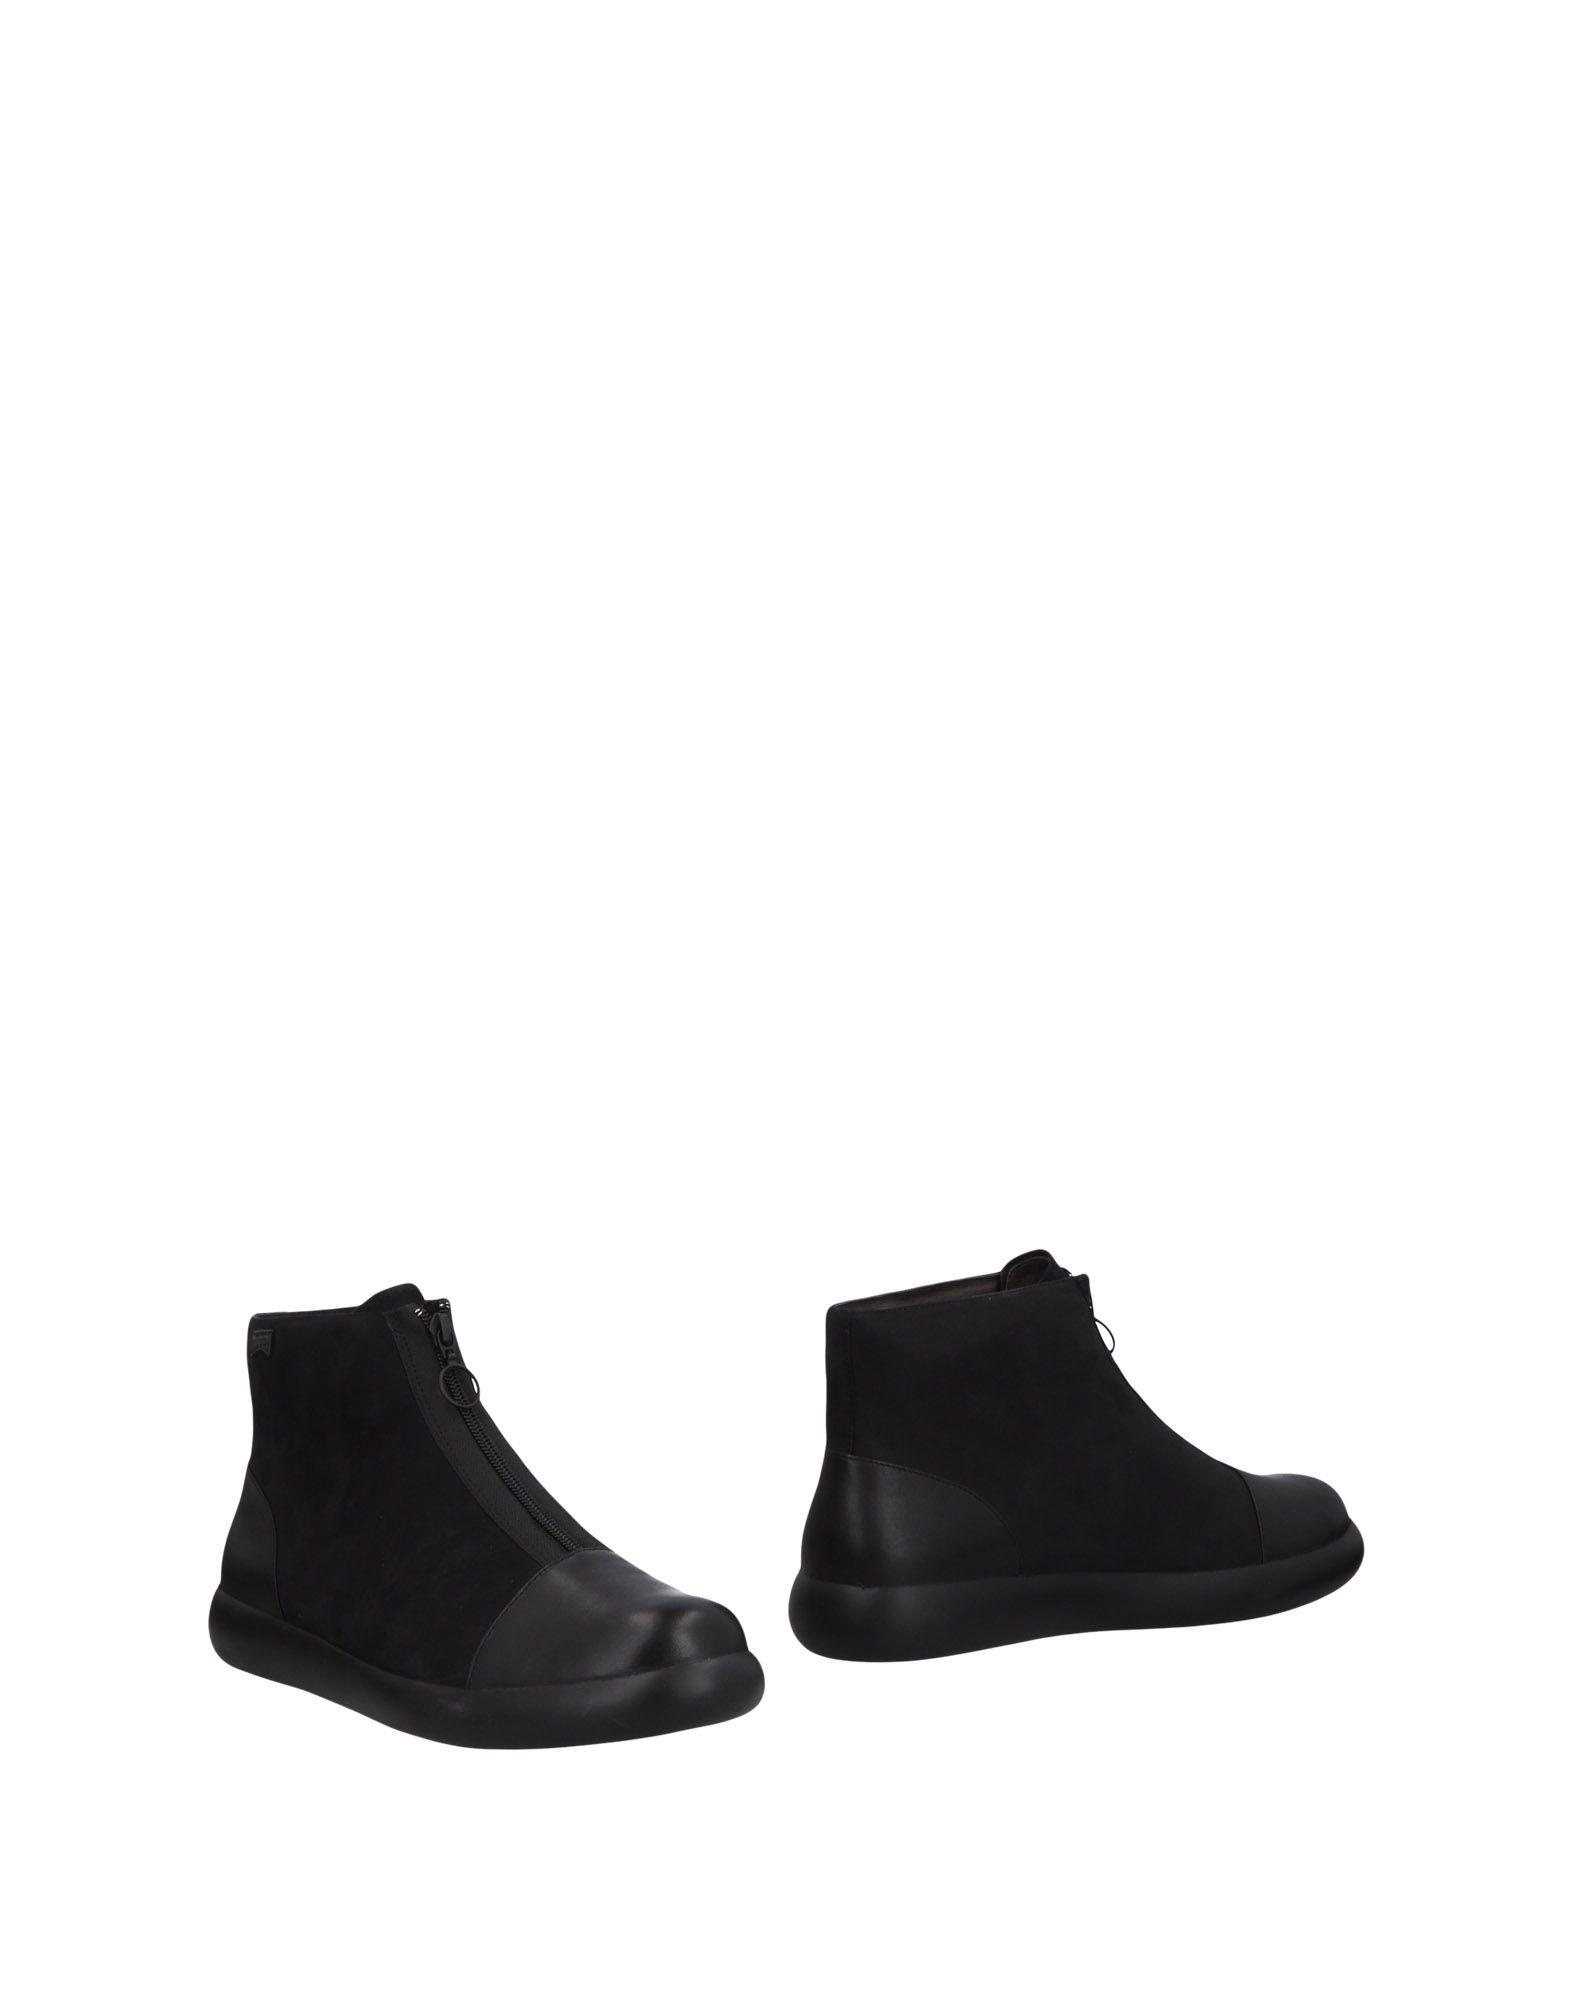 Camper Stiefelette Gute Herren  11458310NU Gute Stiefelette Qualität beliebte Schuhe a6d293